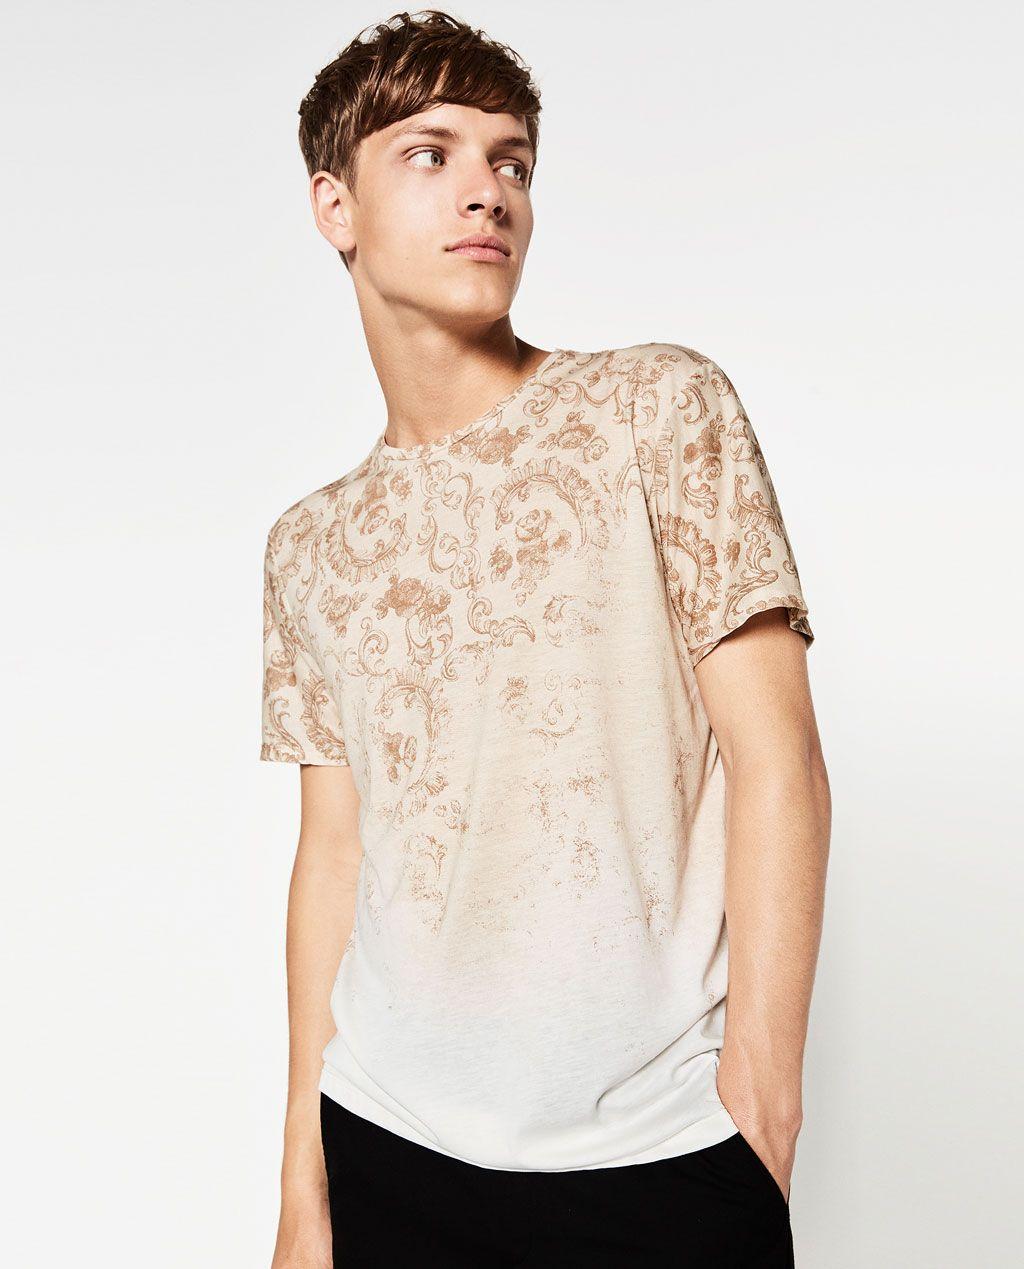 Zara Man Printed T Shirt Men In Graphic Zara Man T Shirt